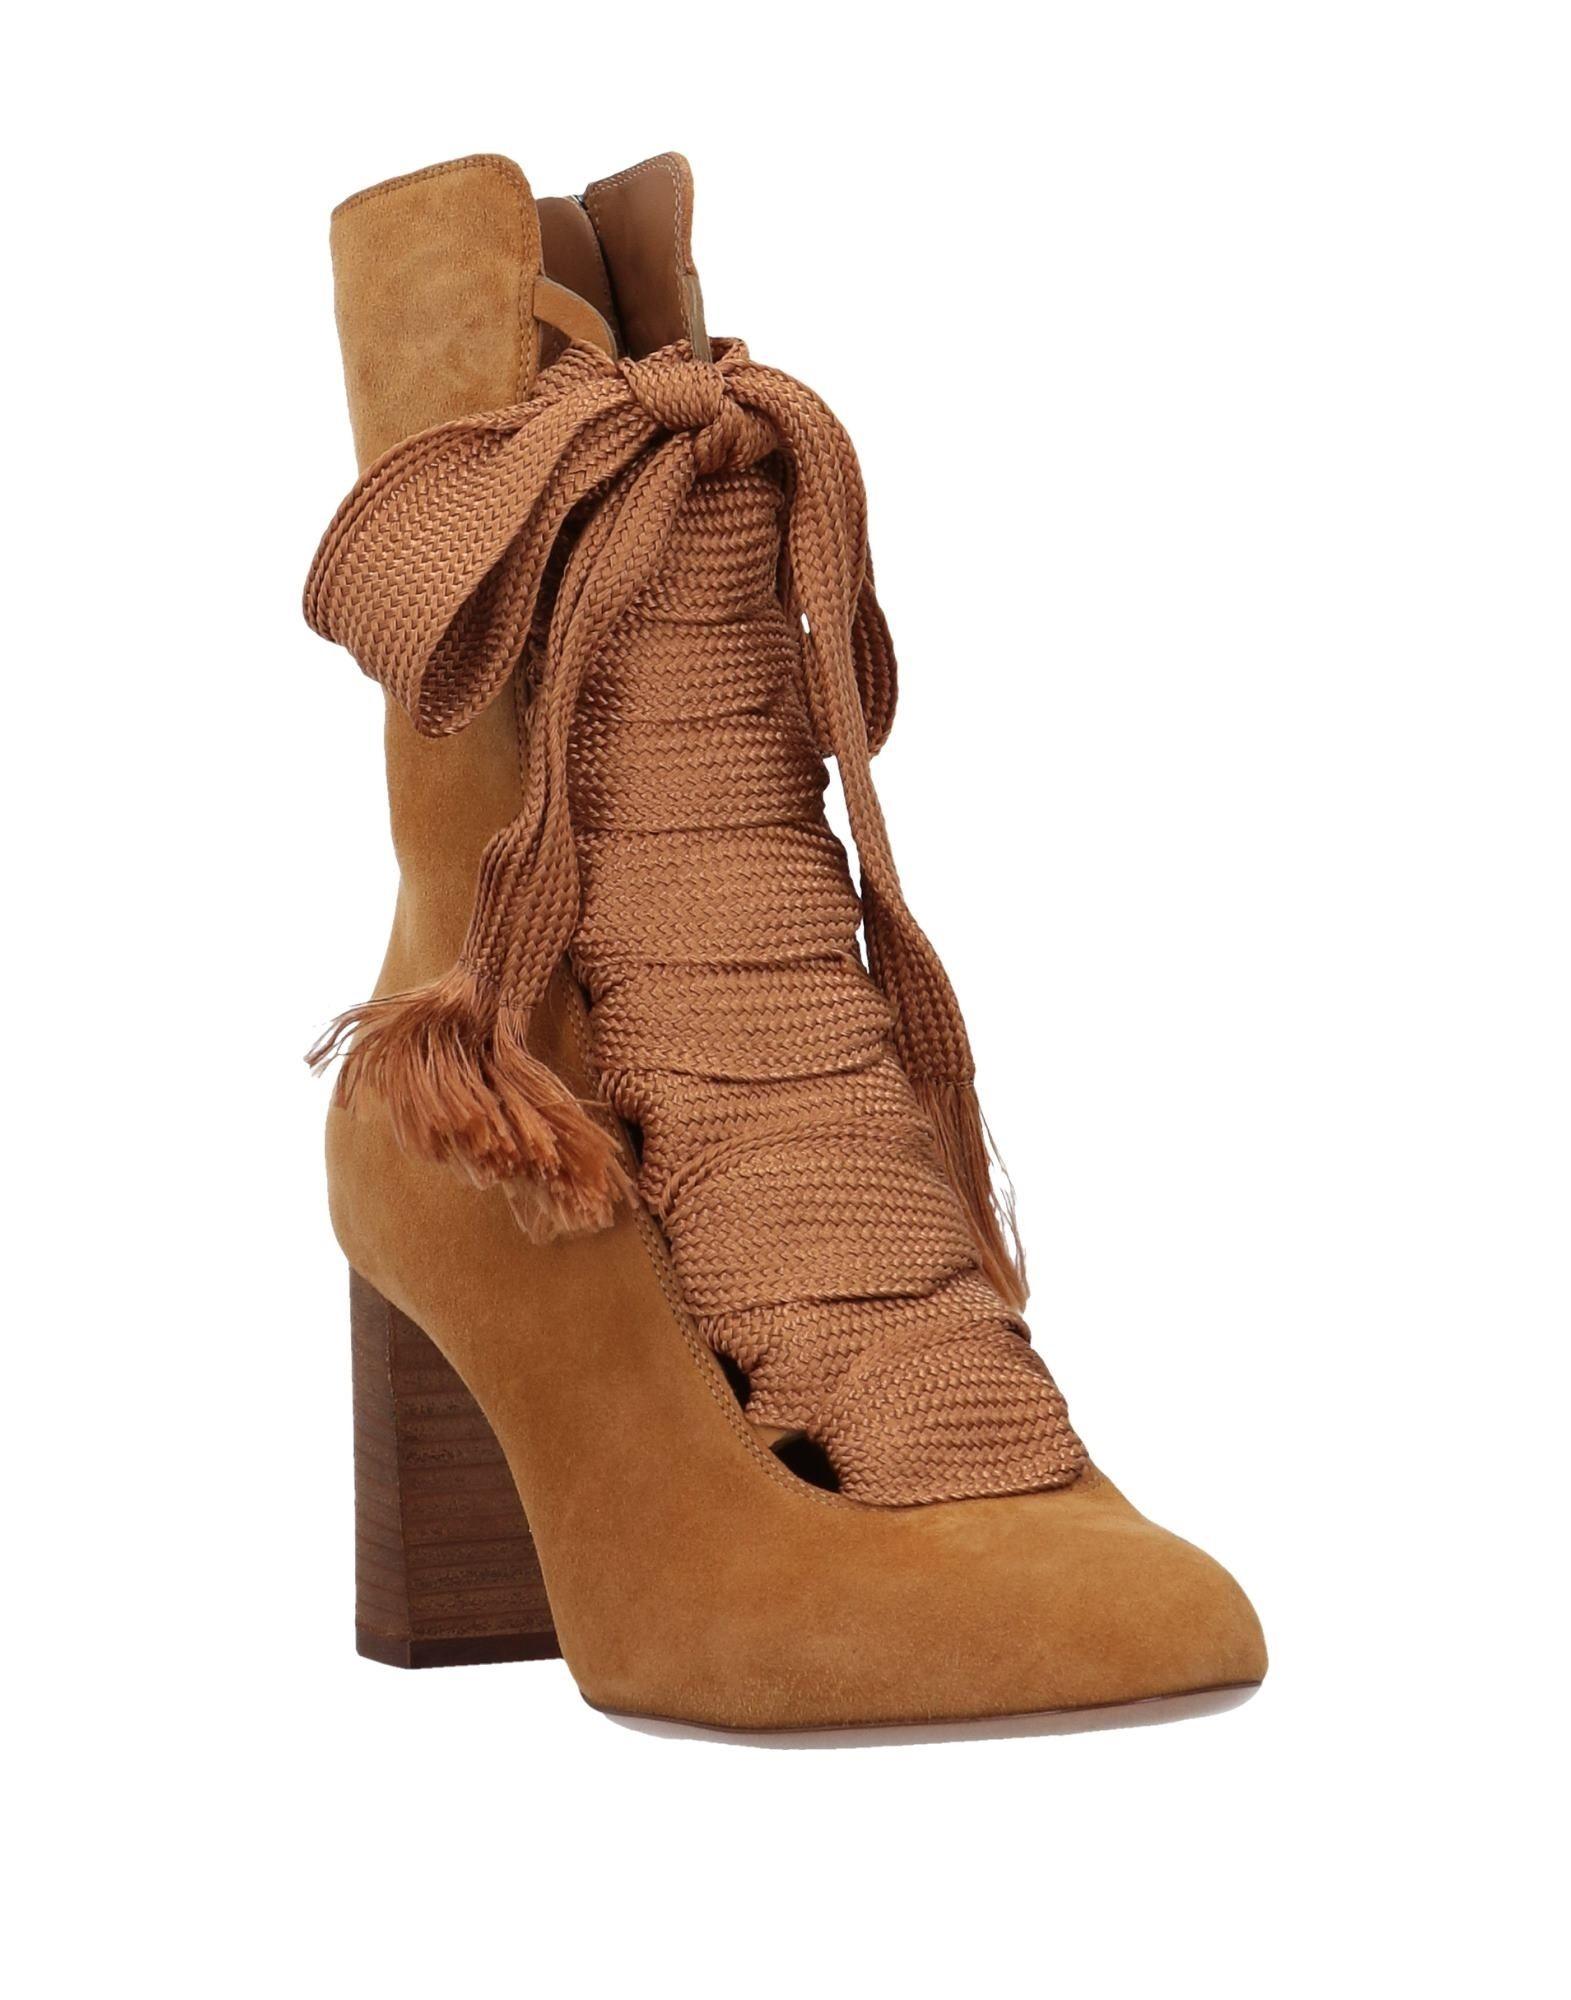 Chloé gut Stiefelette Damen  11459440LHGünstige gut Chloé aussehende Schuhe fc55a6